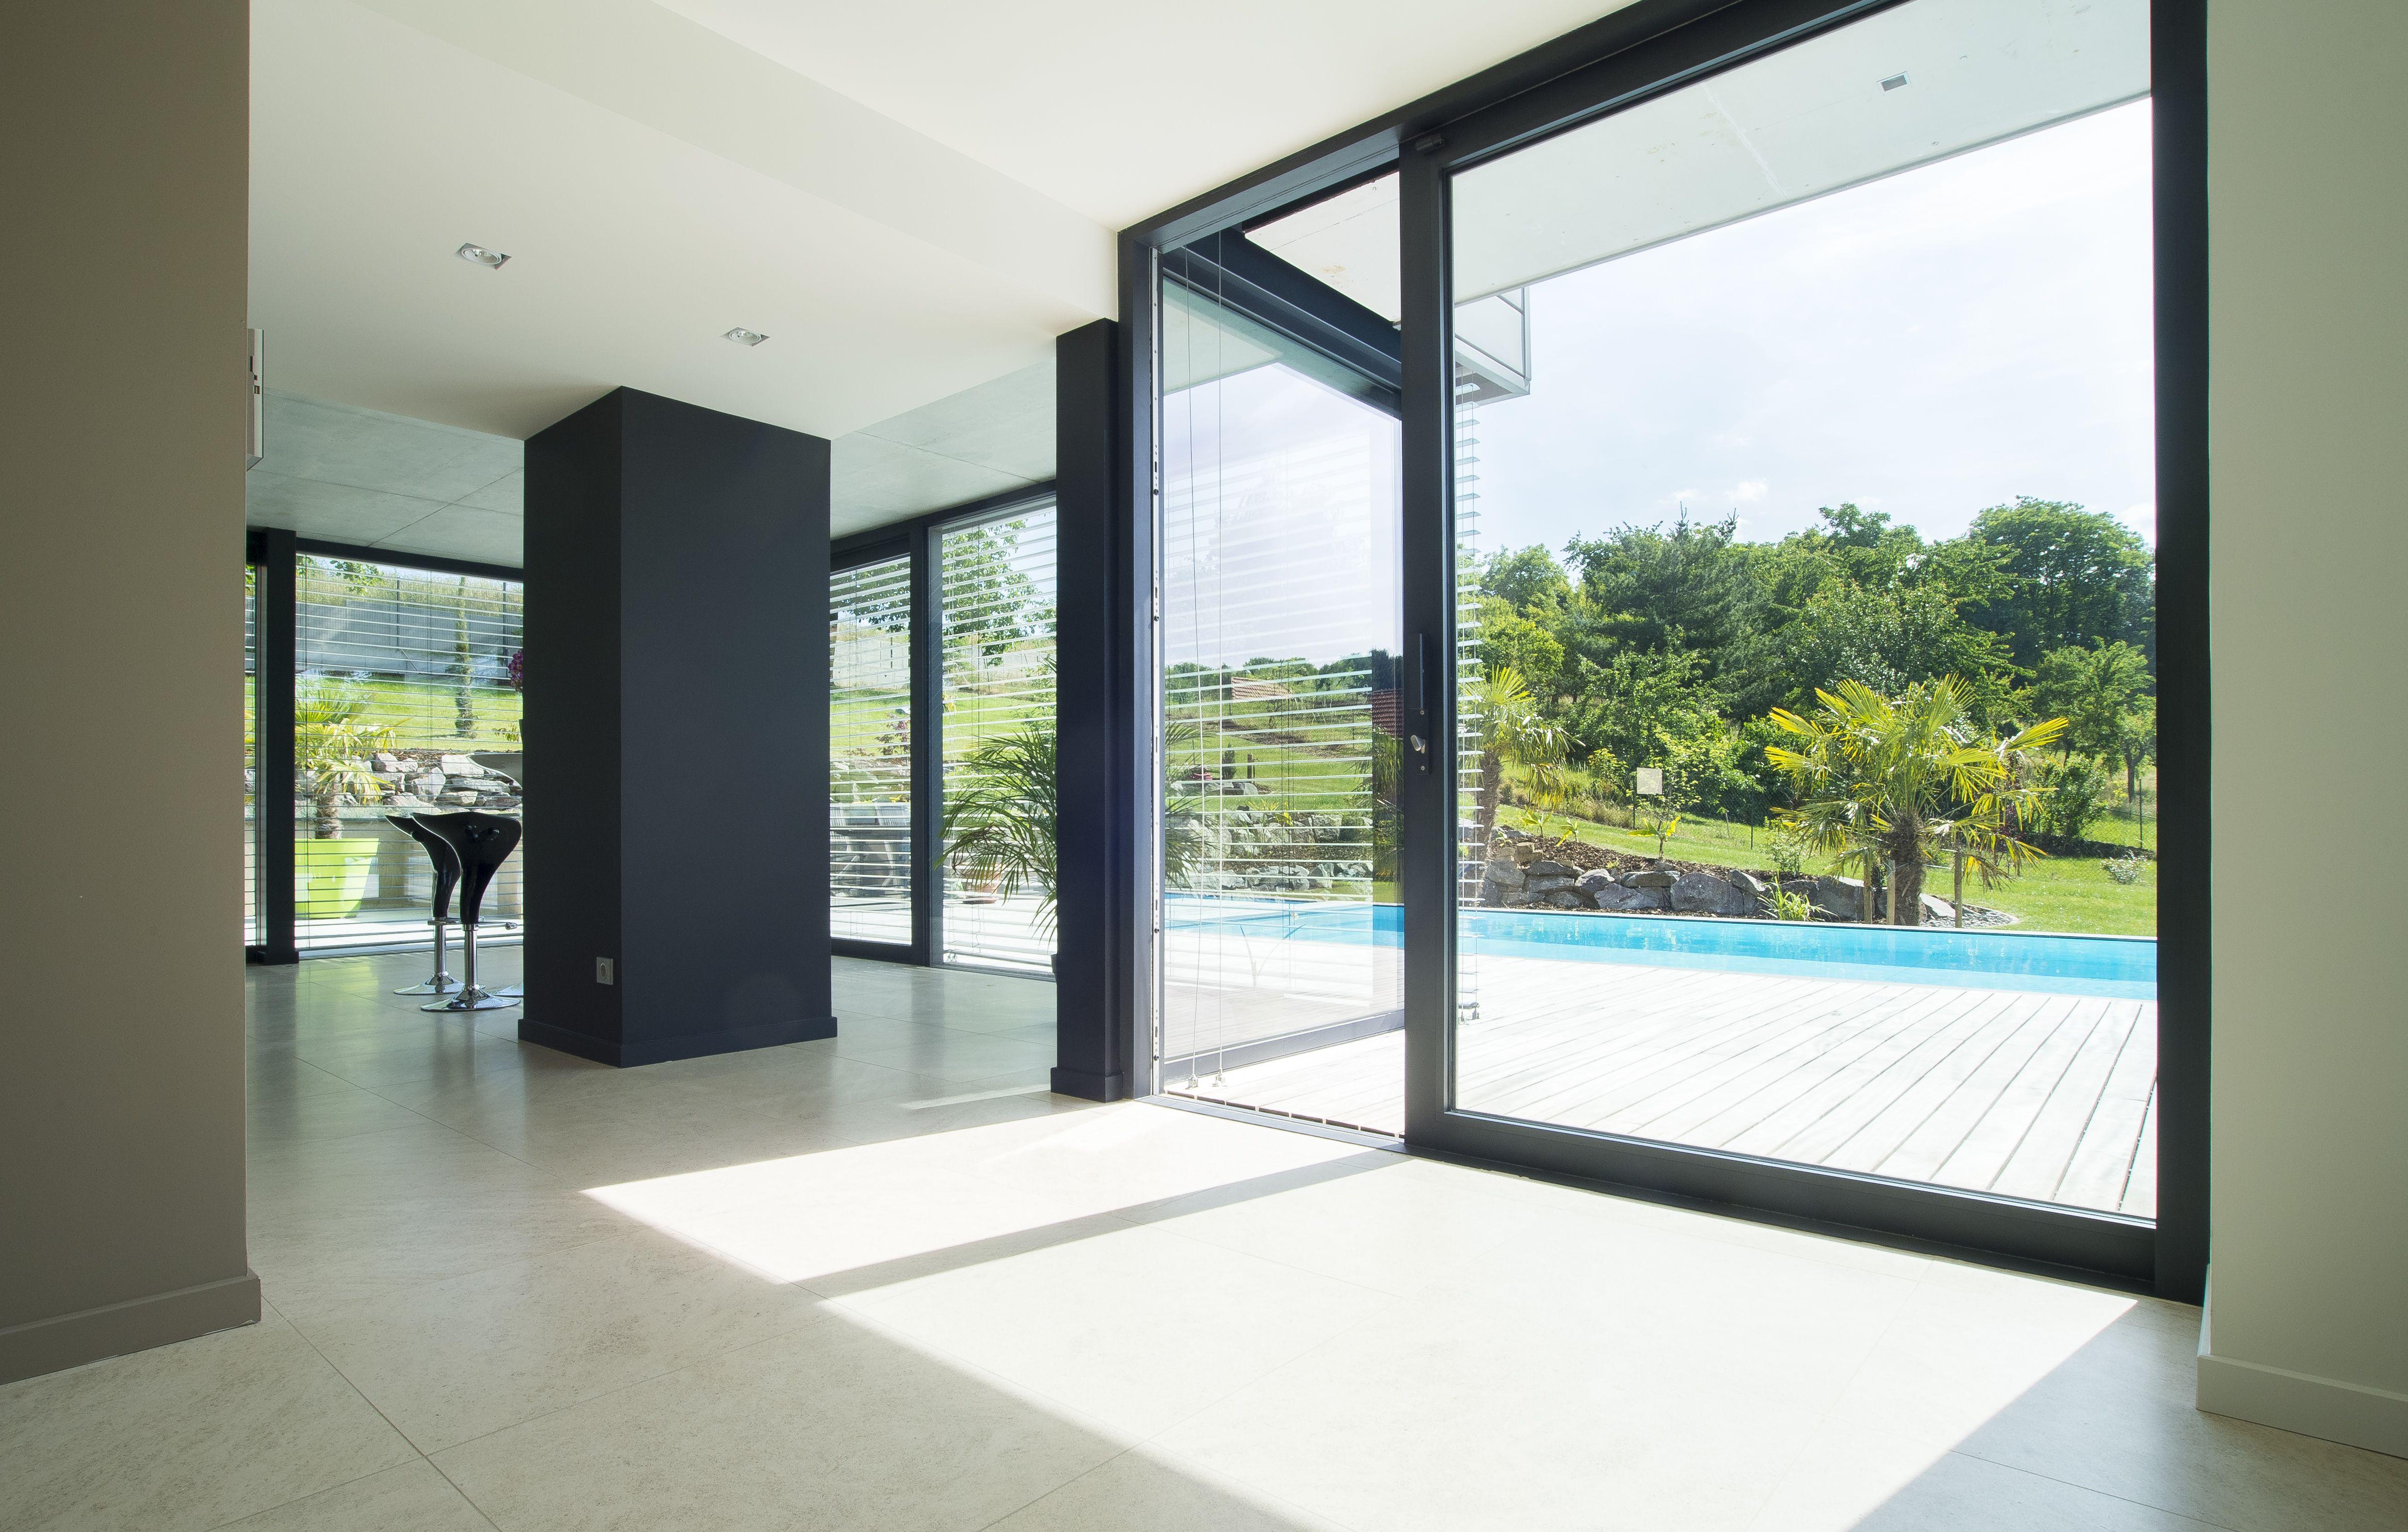 fenetre pvc coulissante rectangulaire. Black Bedroom Furniture Sets. Home Design Ideas